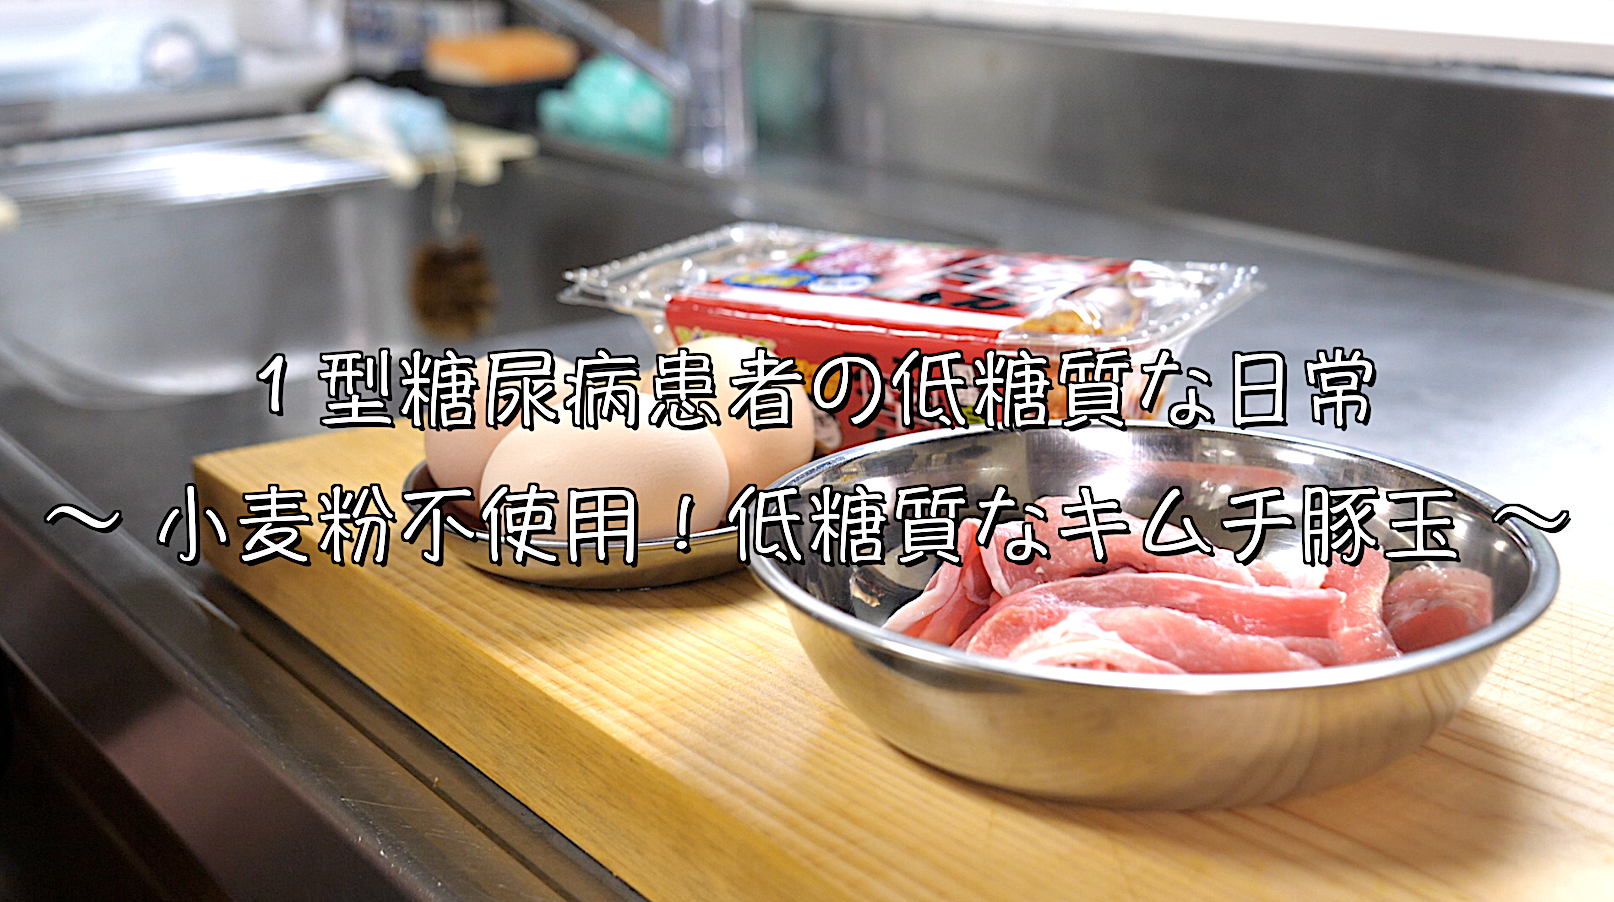 豚玉 グルテンフリー レシピ